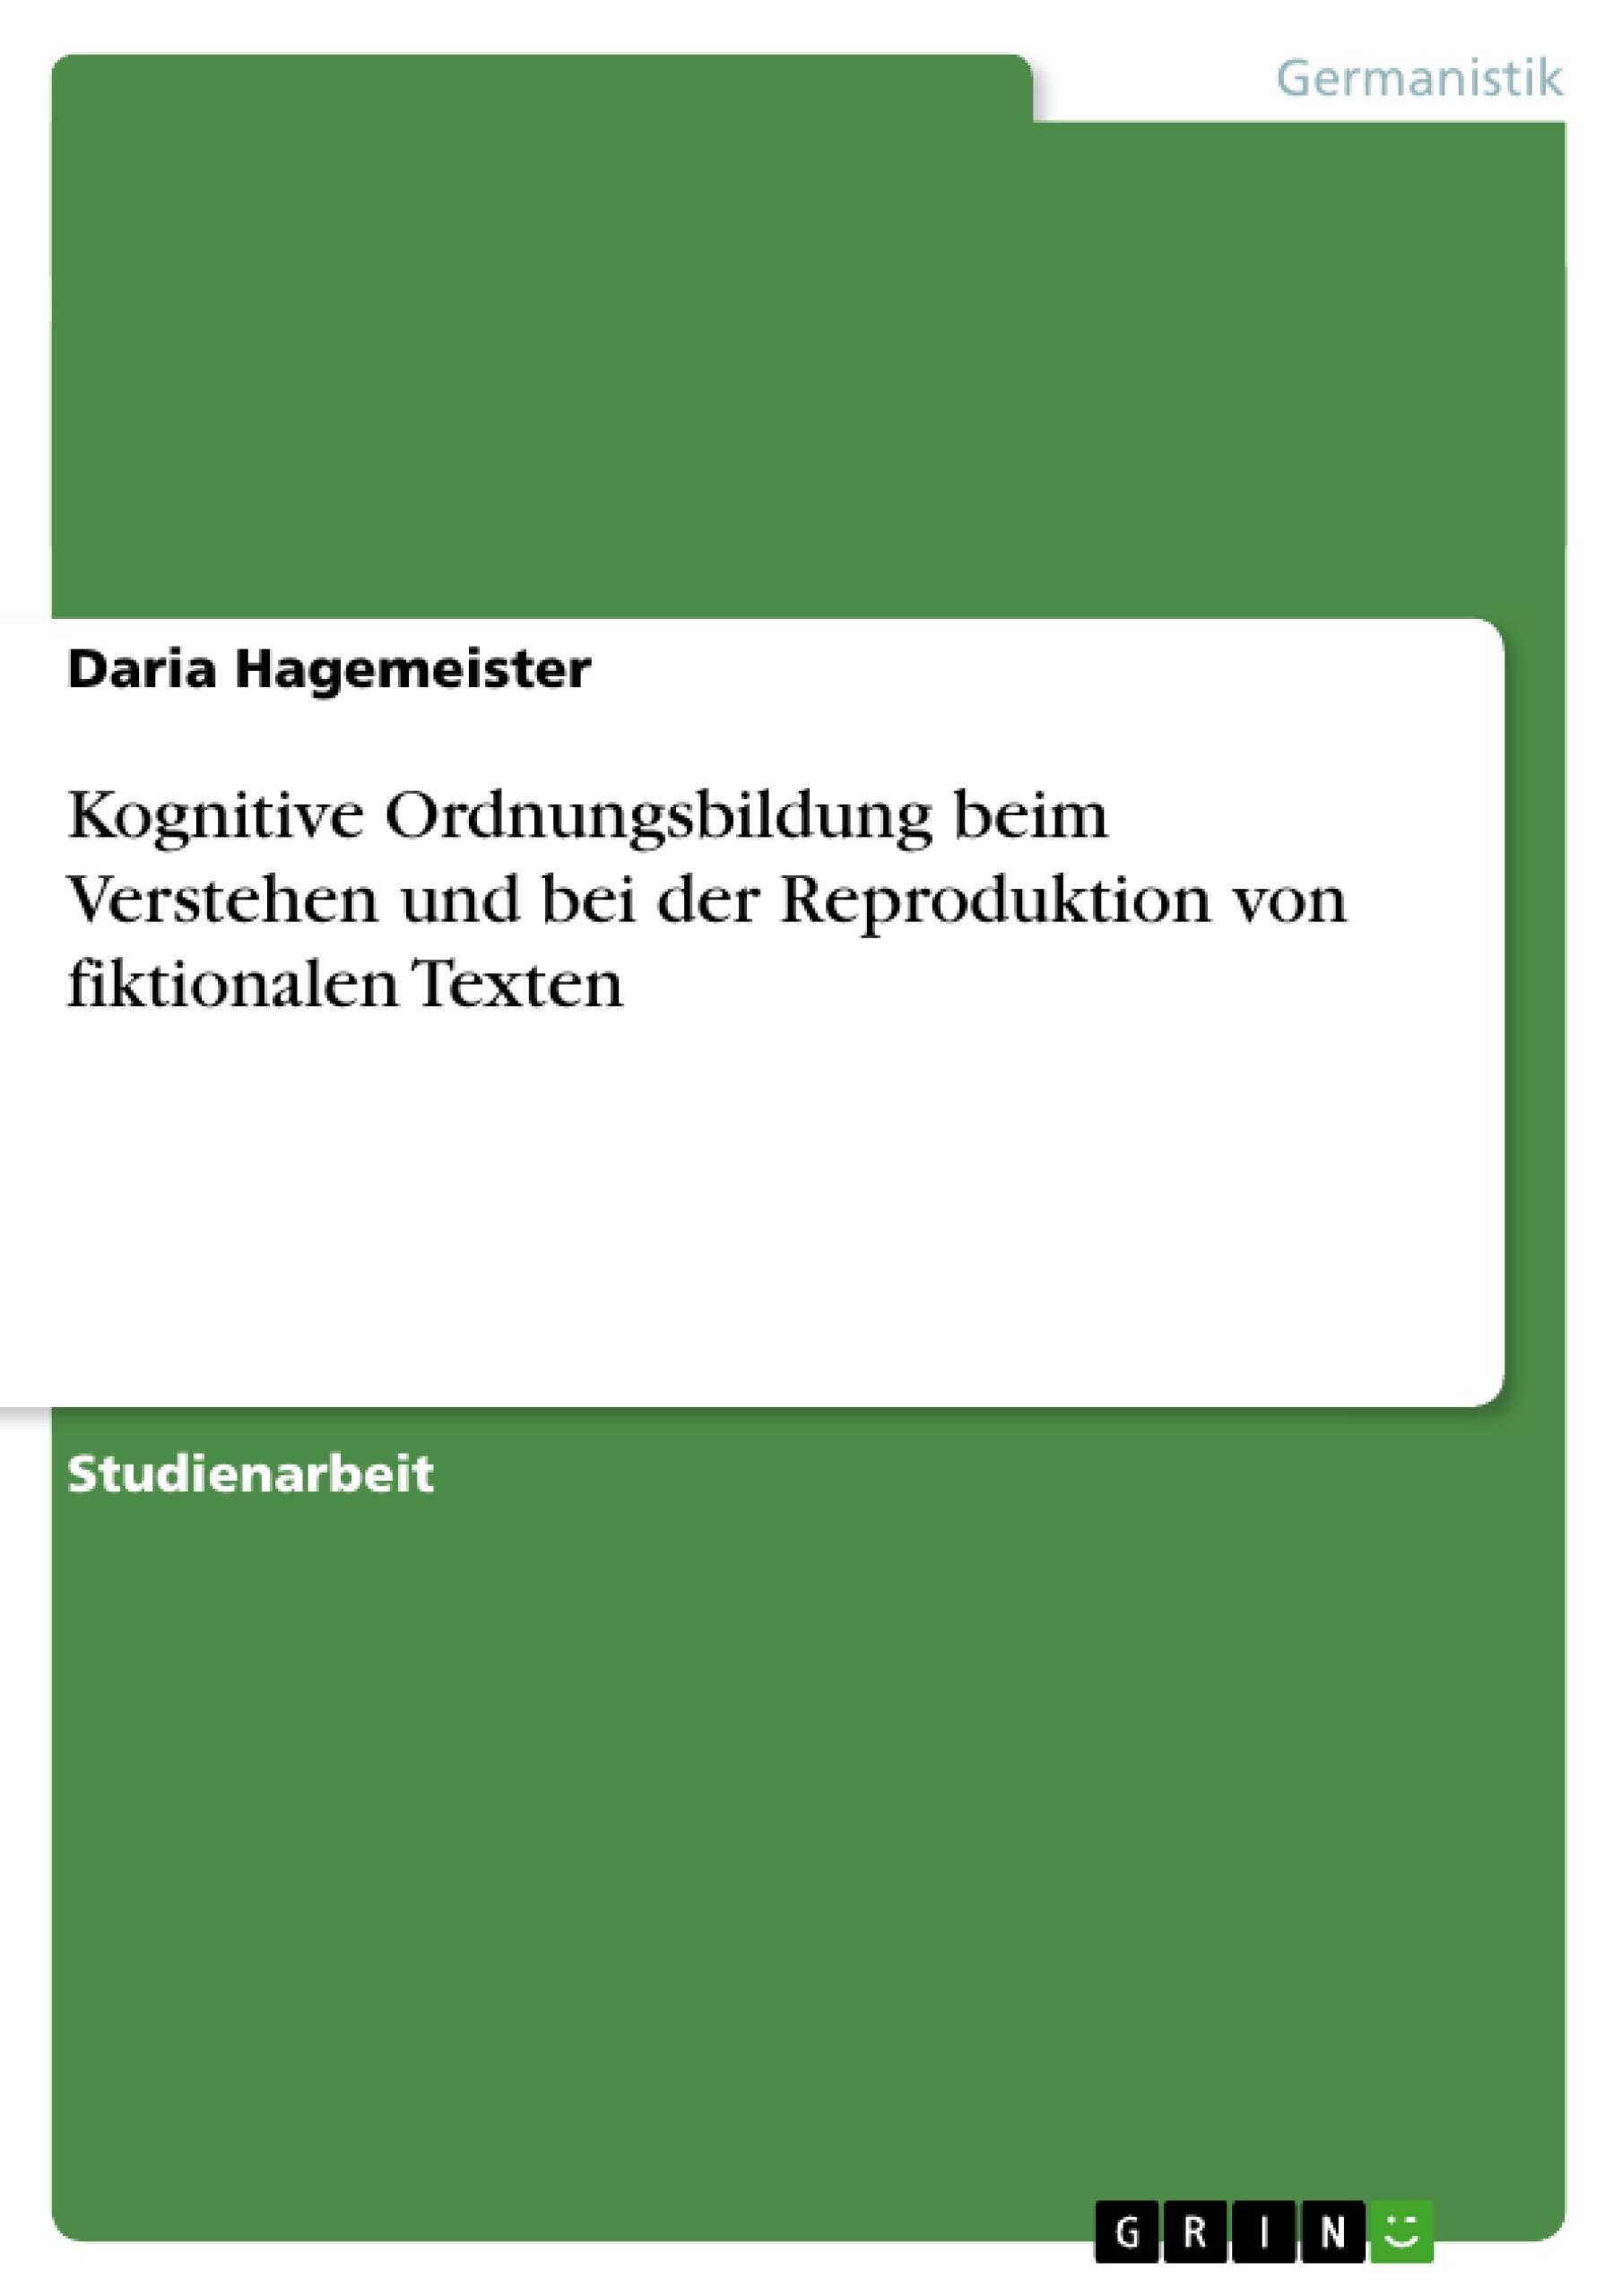 Titel: Kognitive Ordnungsbildung beim Verstehen und bei der Reproduktion von fiktionalen Texten